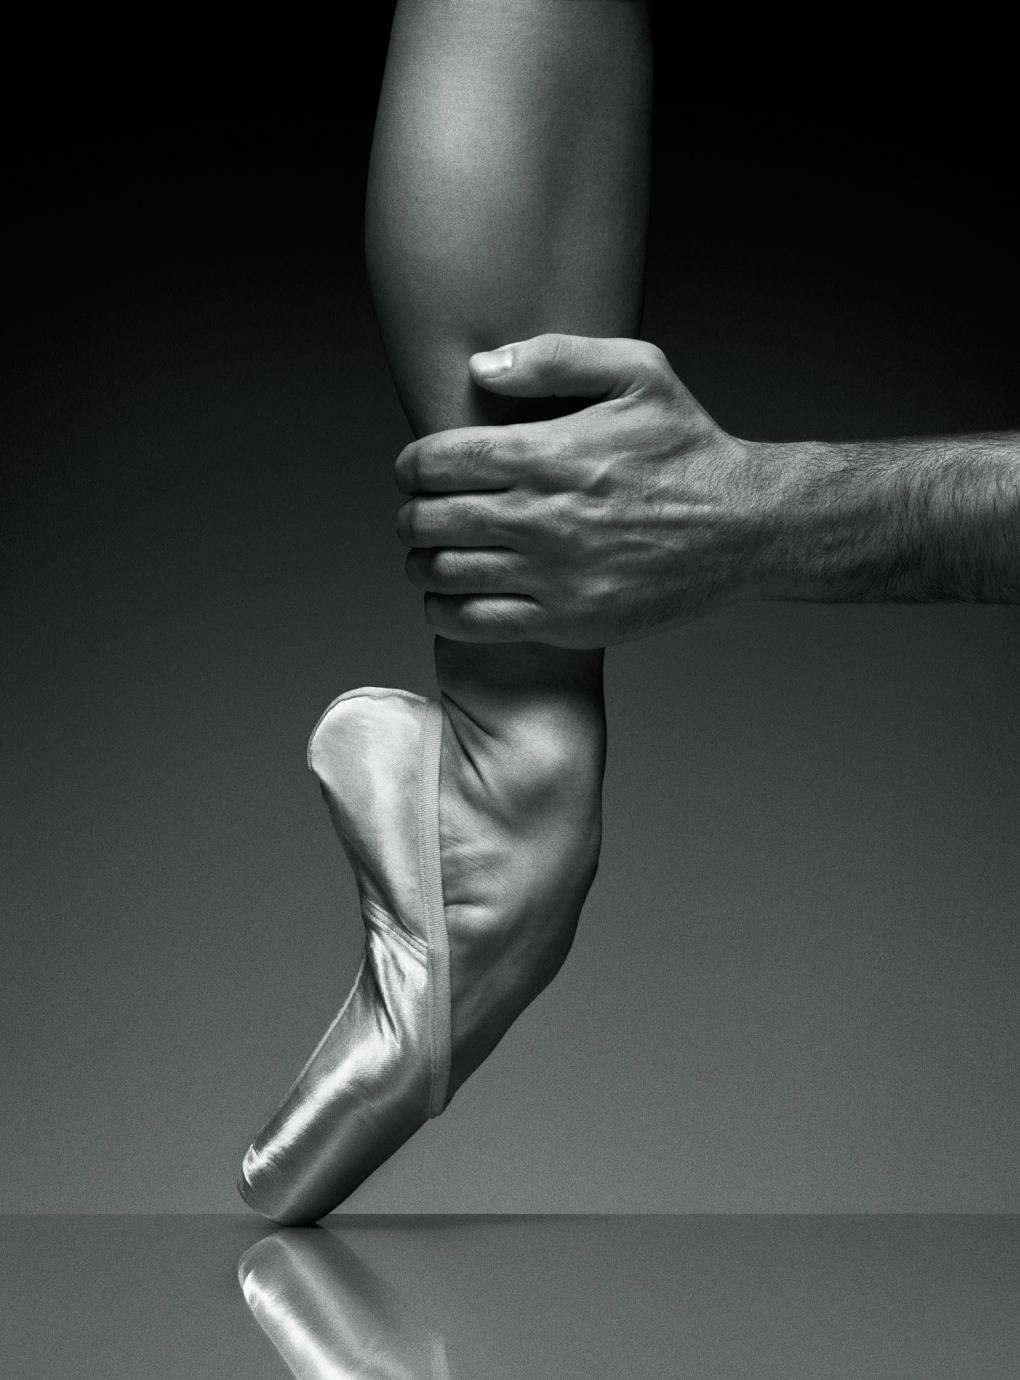 Erotic ballet pictures